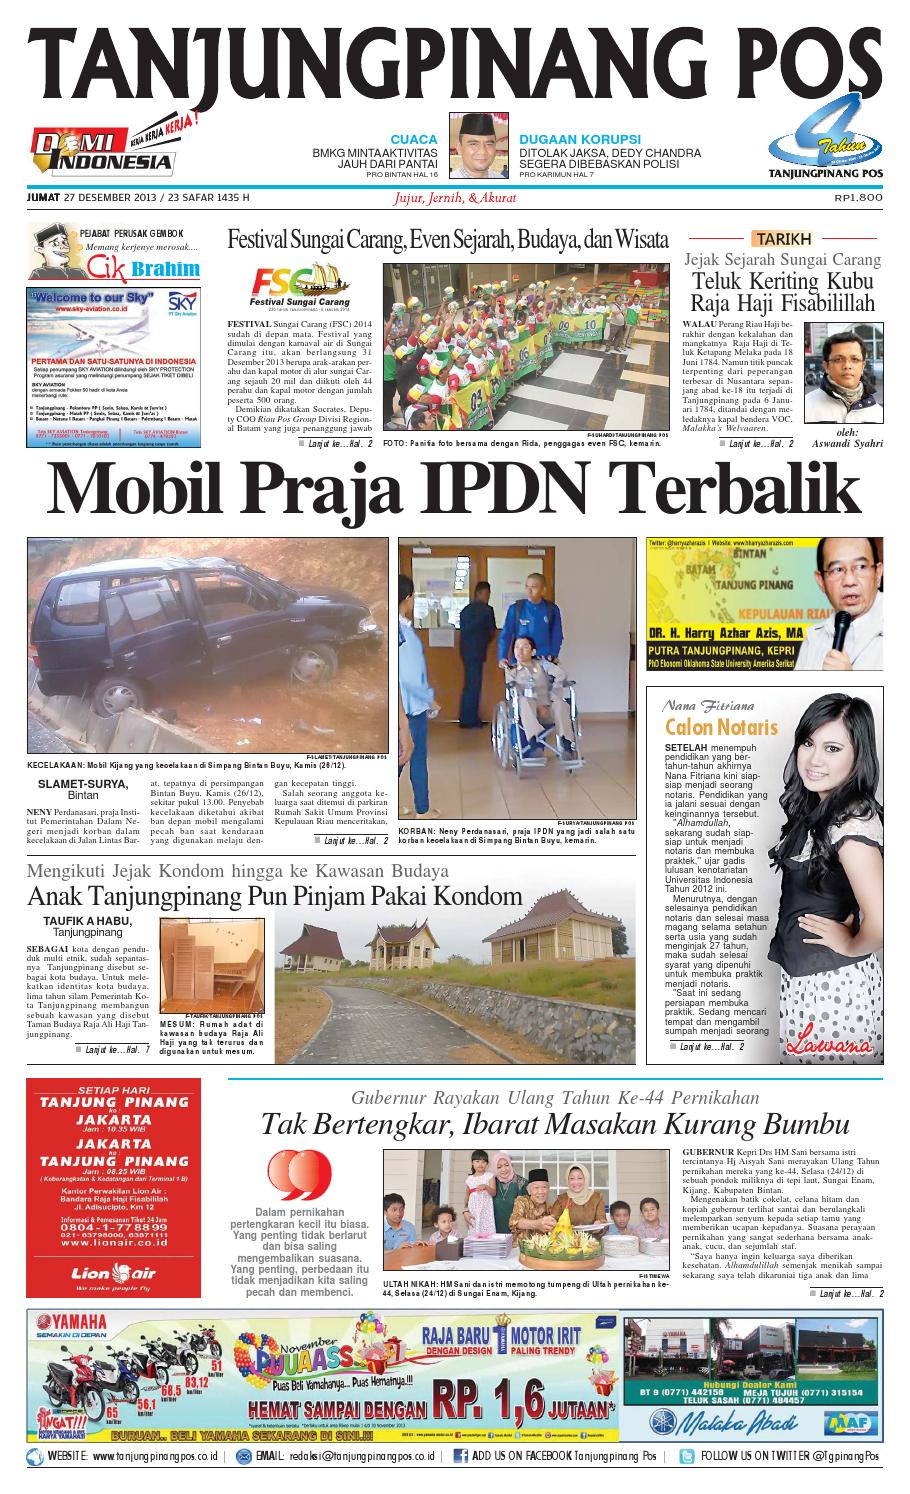 Epaper Tanjungpinangpos 27 Desember 2013 By Tanjungpinangpos Issuu